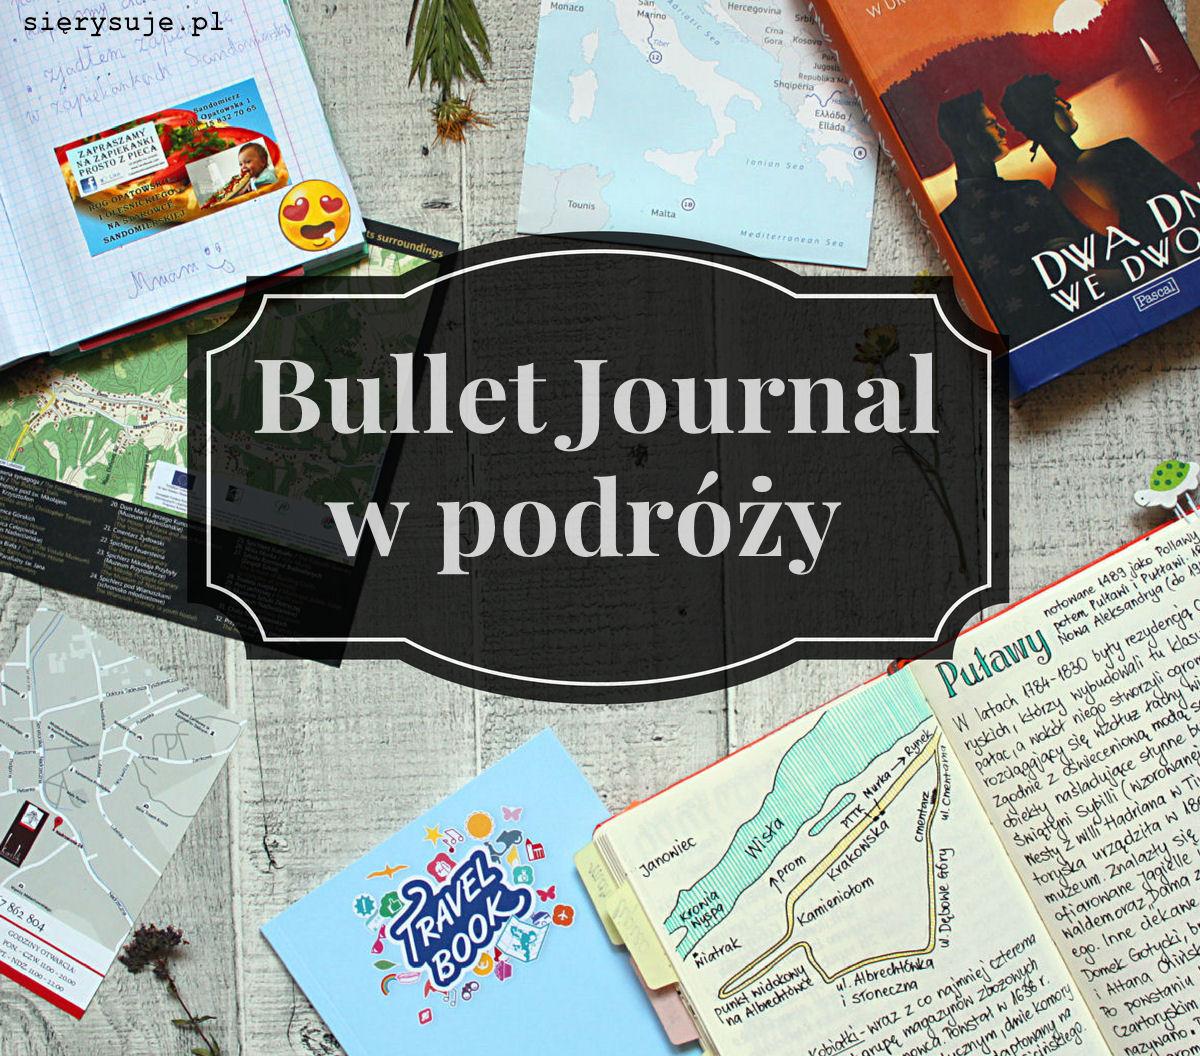 sierysuje.pl bullet journal podróż wakacje